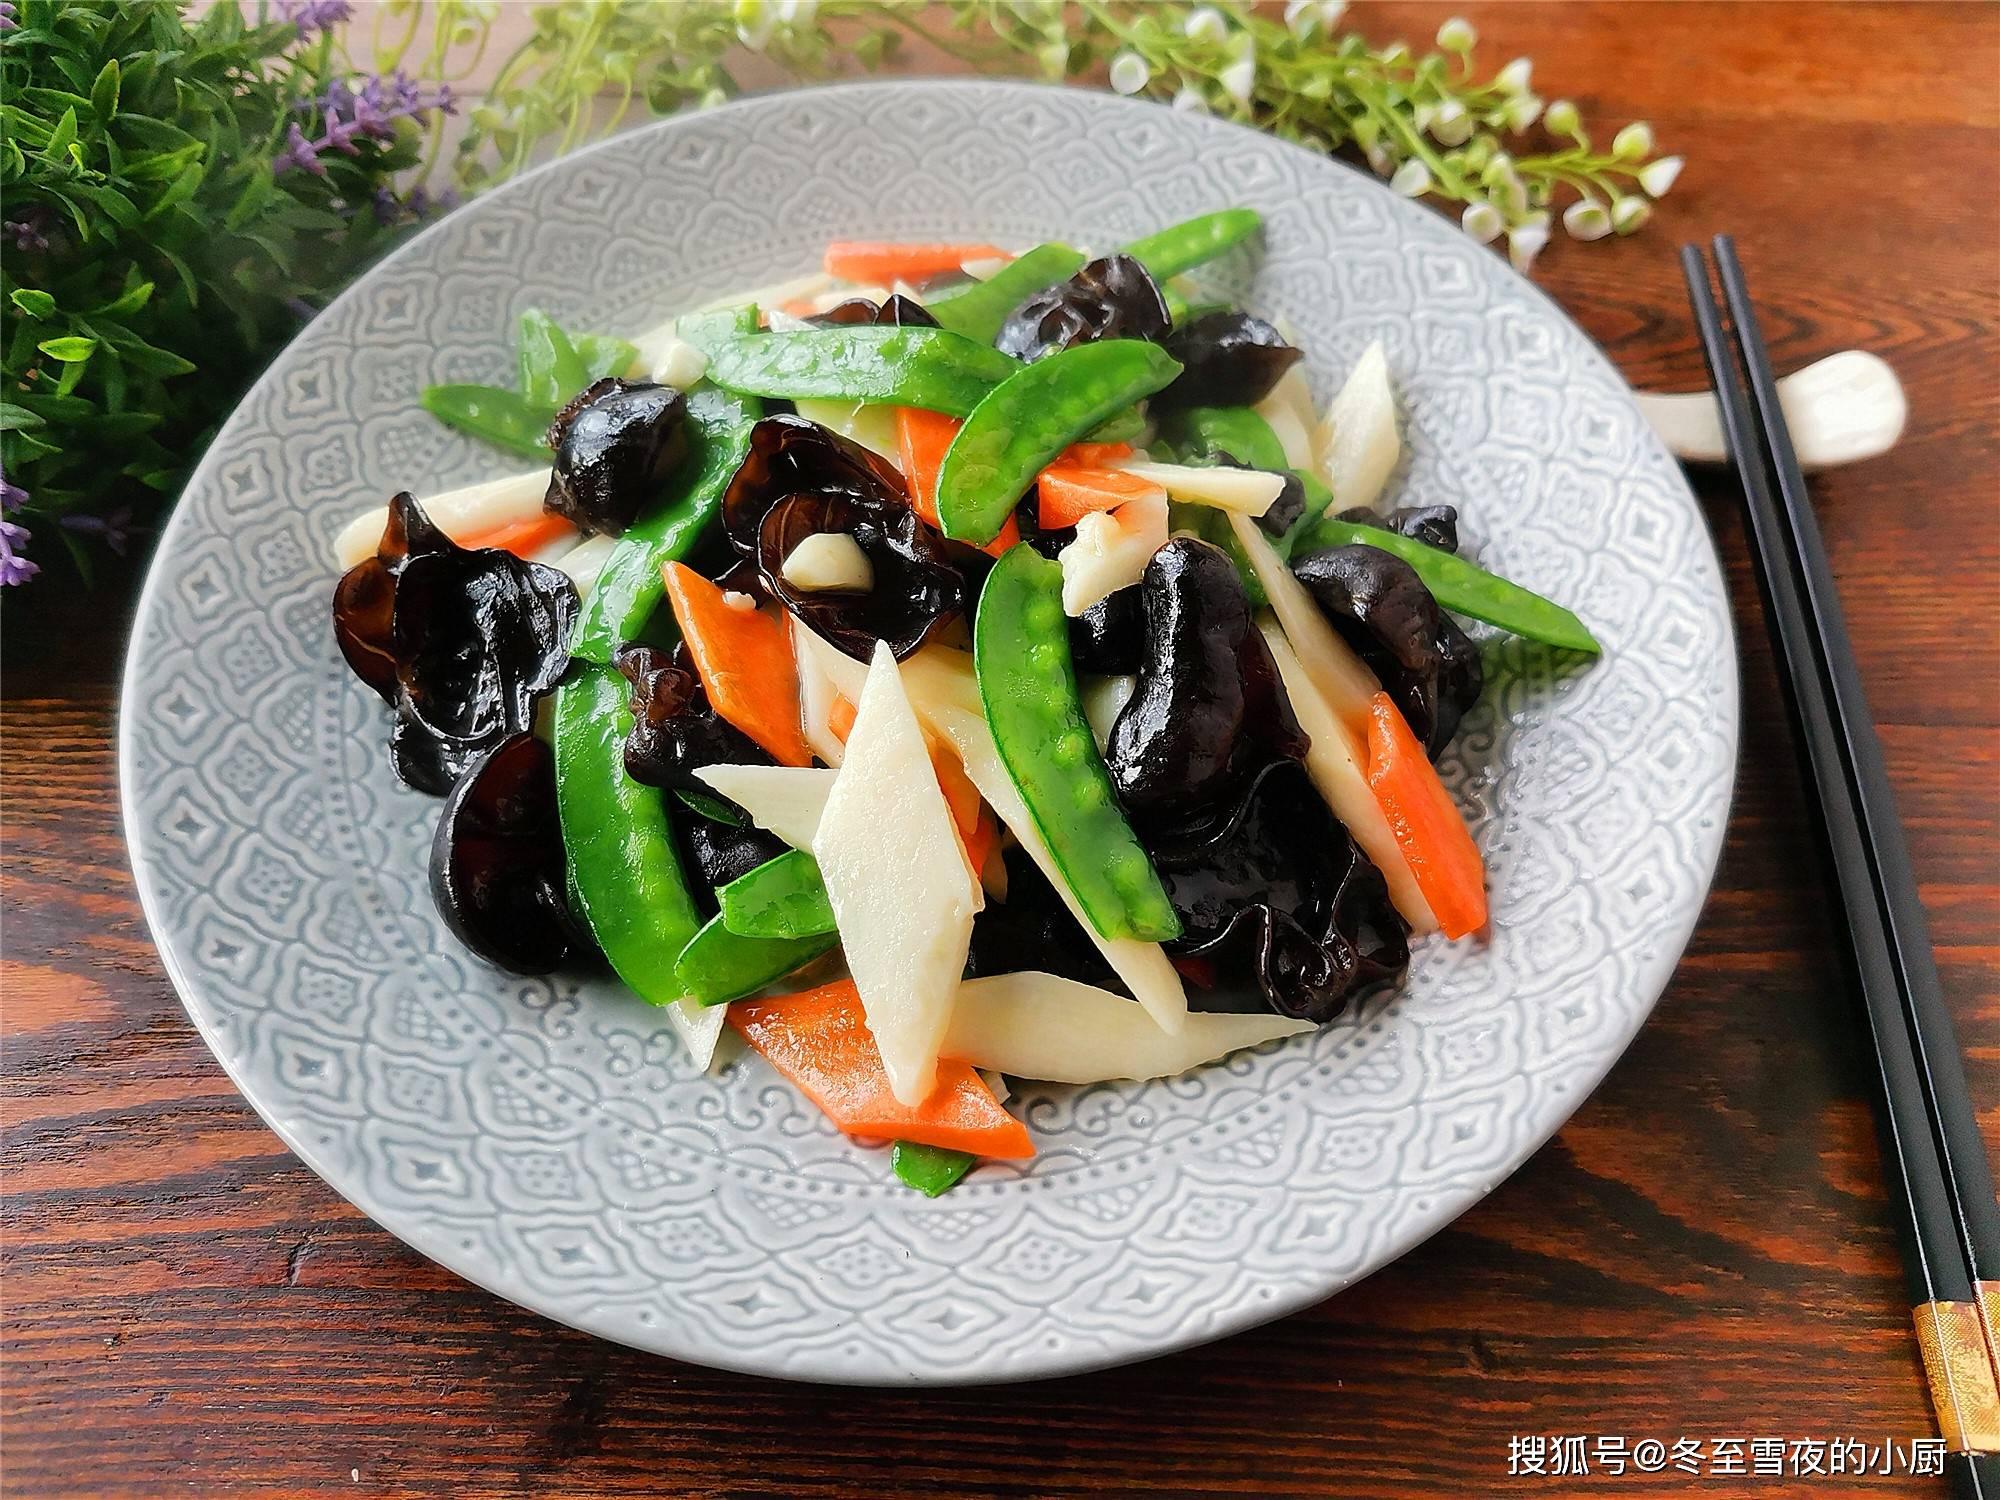 原年夜饭是一盘素菜,价值高、清淡、酥脆、好吃,特别受女性欢迎